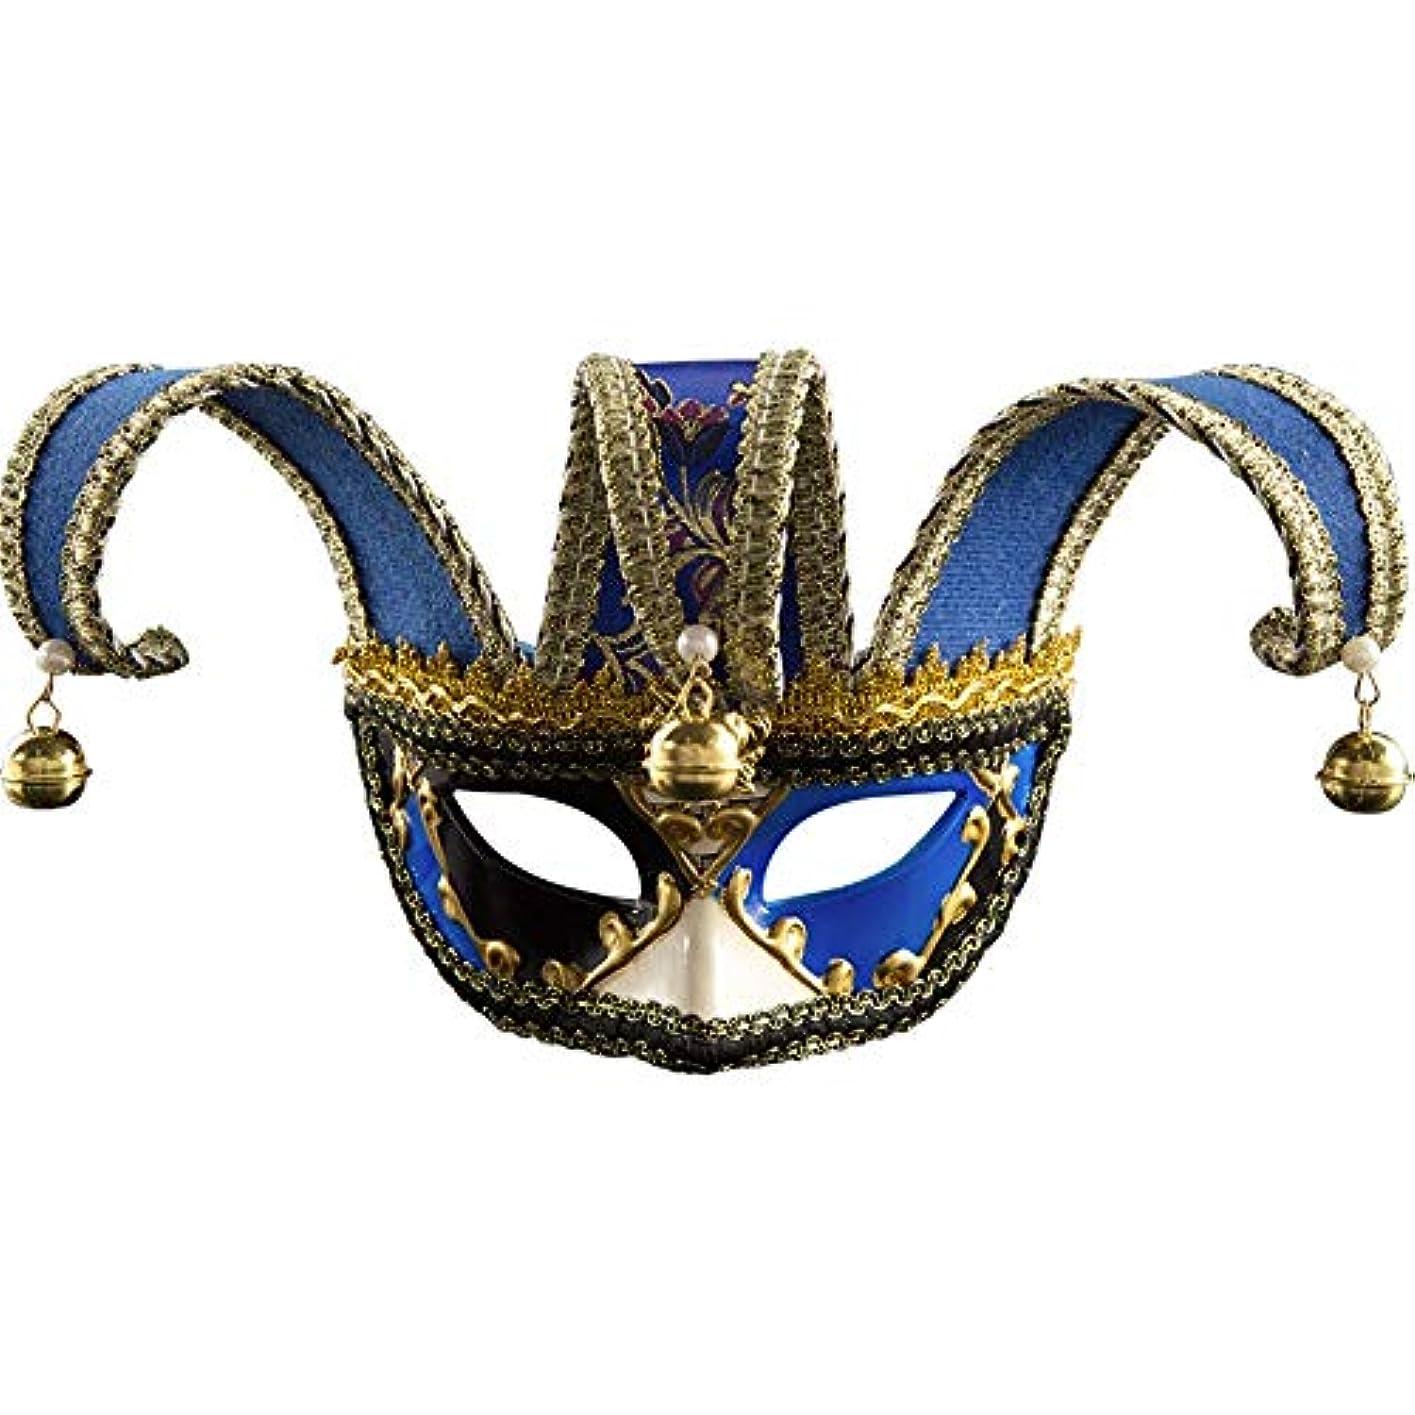 率直なクマノミ改善するダンスマスク ナイトクラブ音楽カーニバルマスク雰囲気クリスマスフェスティバルプラスチックマスクイブニングパーティーボール ホリデーパーティー用品 (色 : 青, サイズ : 16.5x29cm)